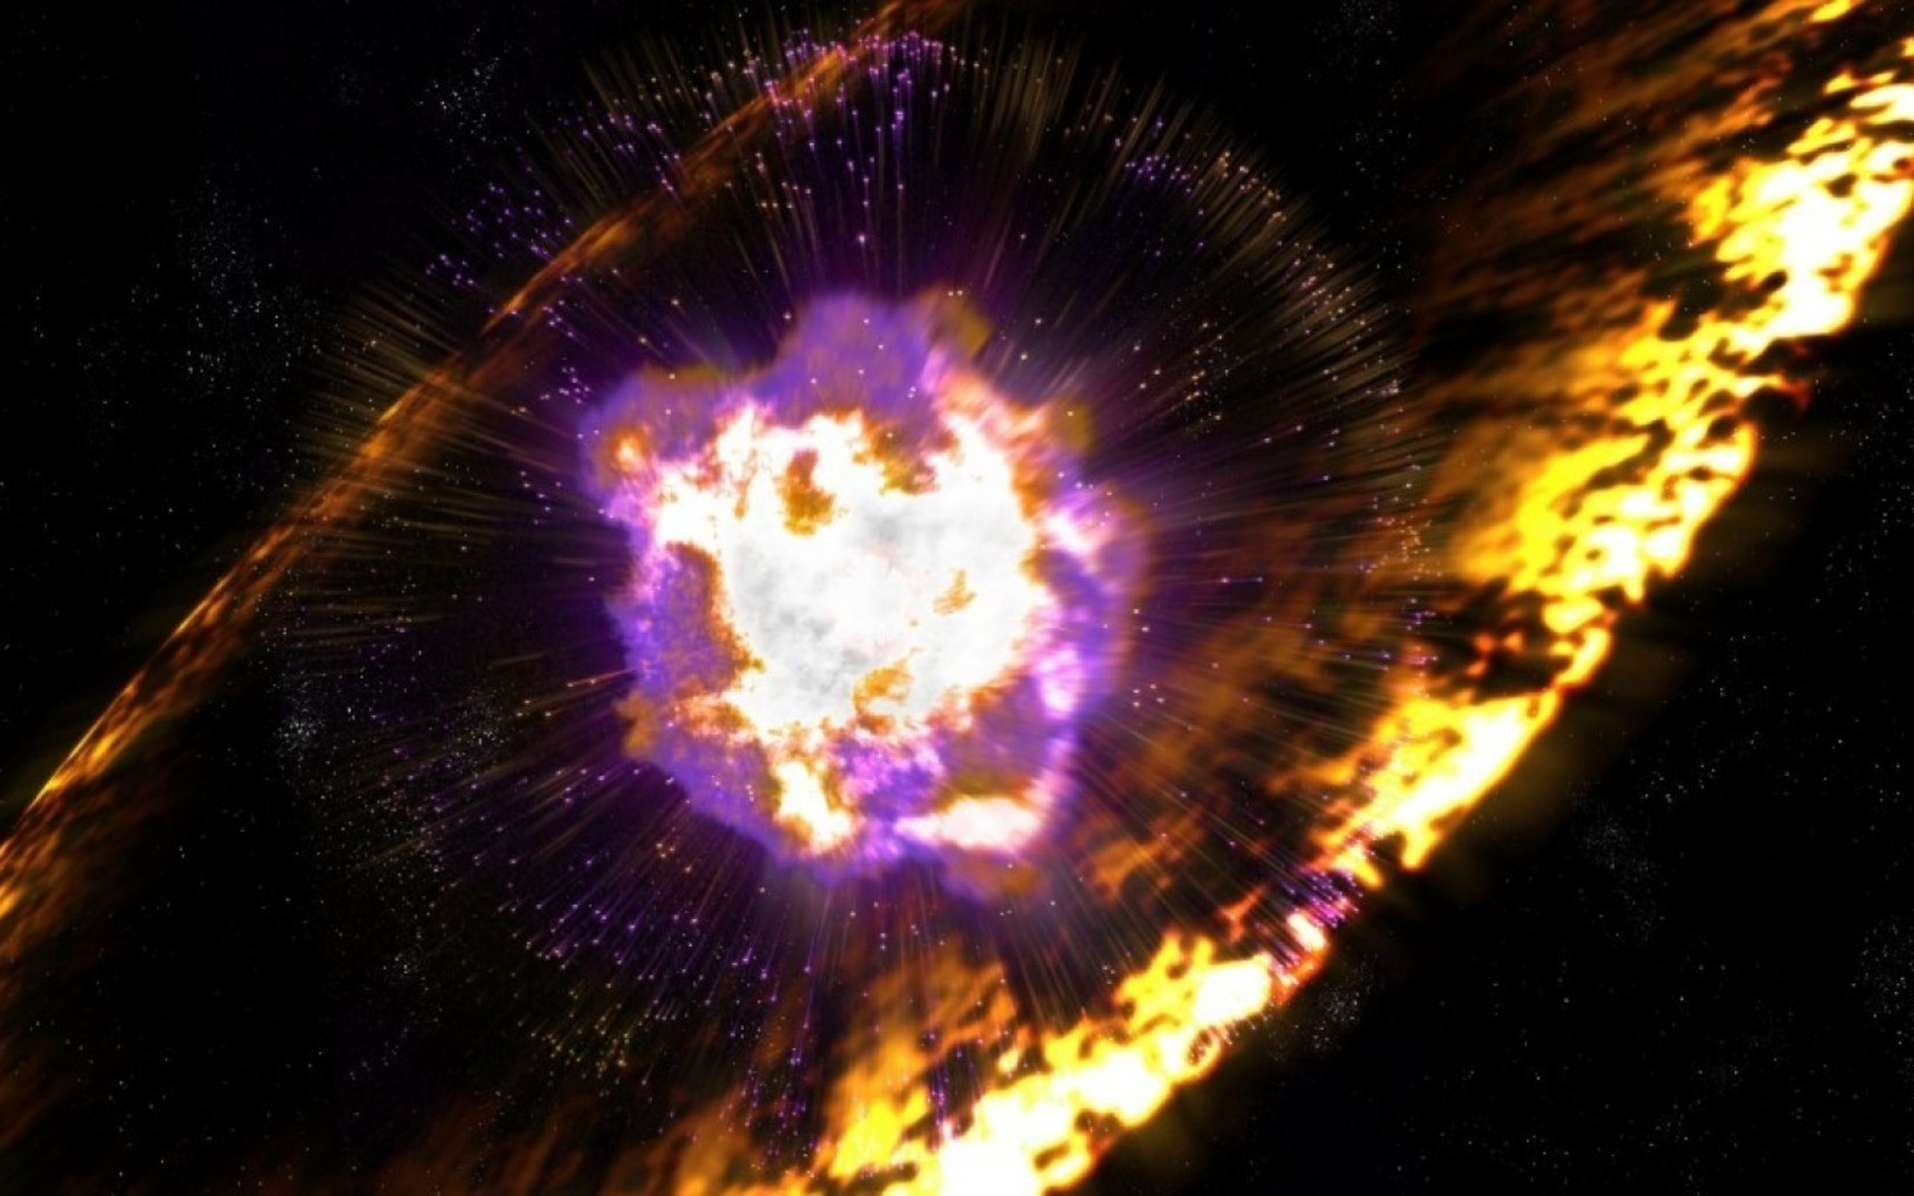 Une vue d'artiste de l'explosion d'une étoile massive donnant une supernova SN II. Elle produit des noyaux radioactifs qu'elle disperse avec d'autres éléments dans le milieu interstellaire. © Greg Stewart, SLAC